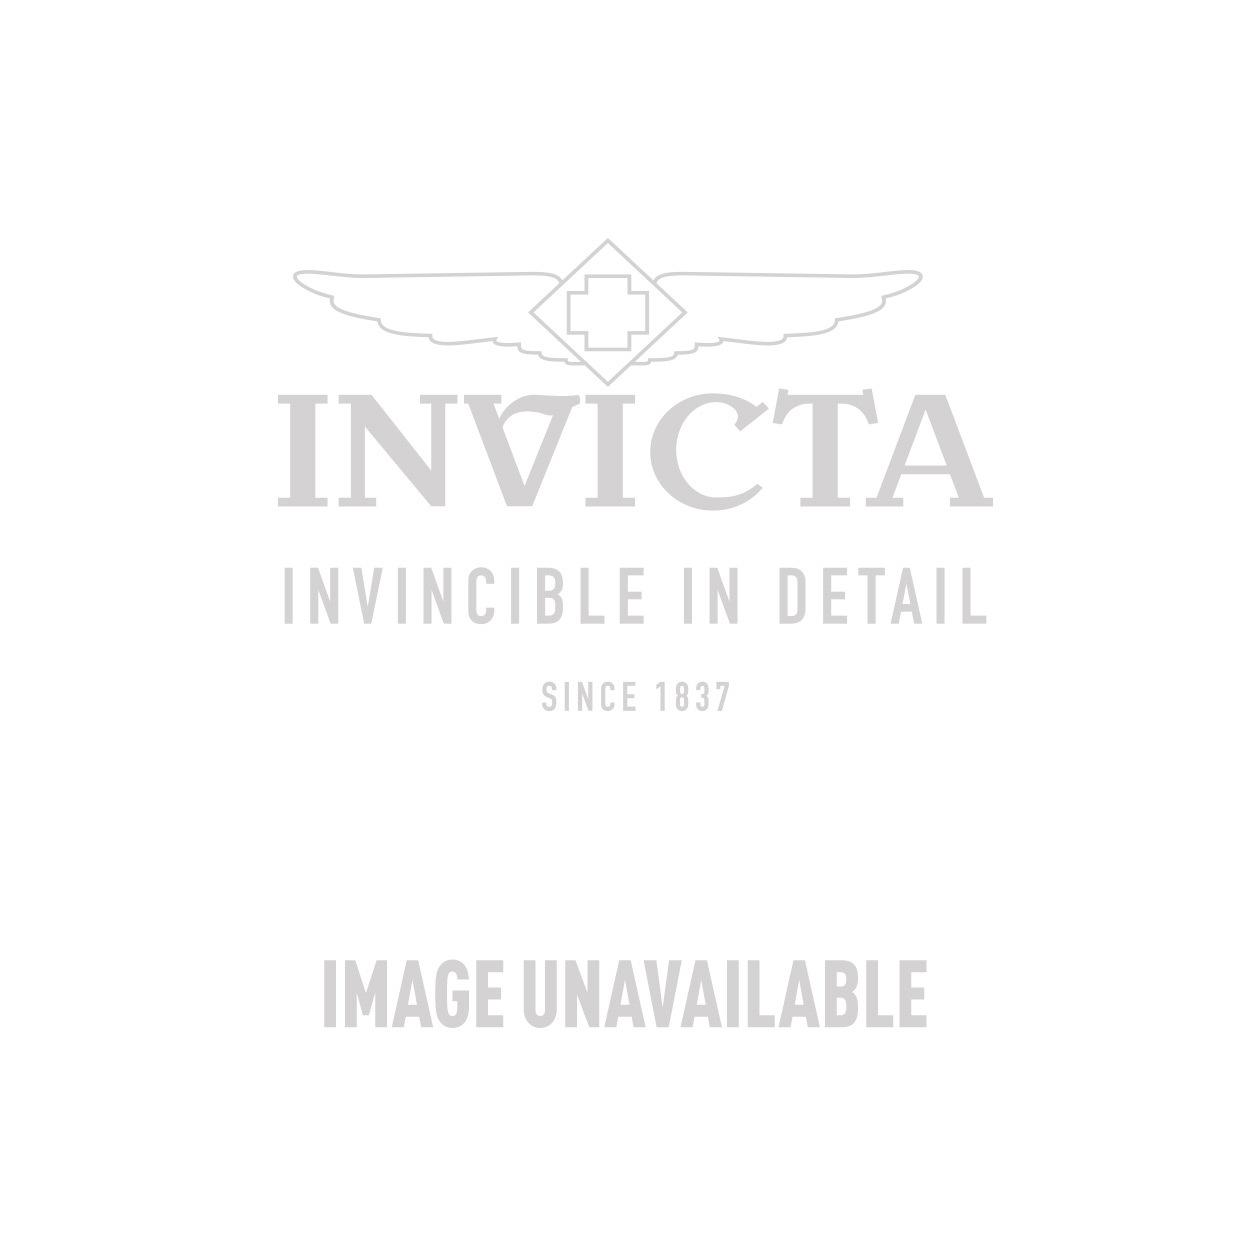 Invicta Model 29126